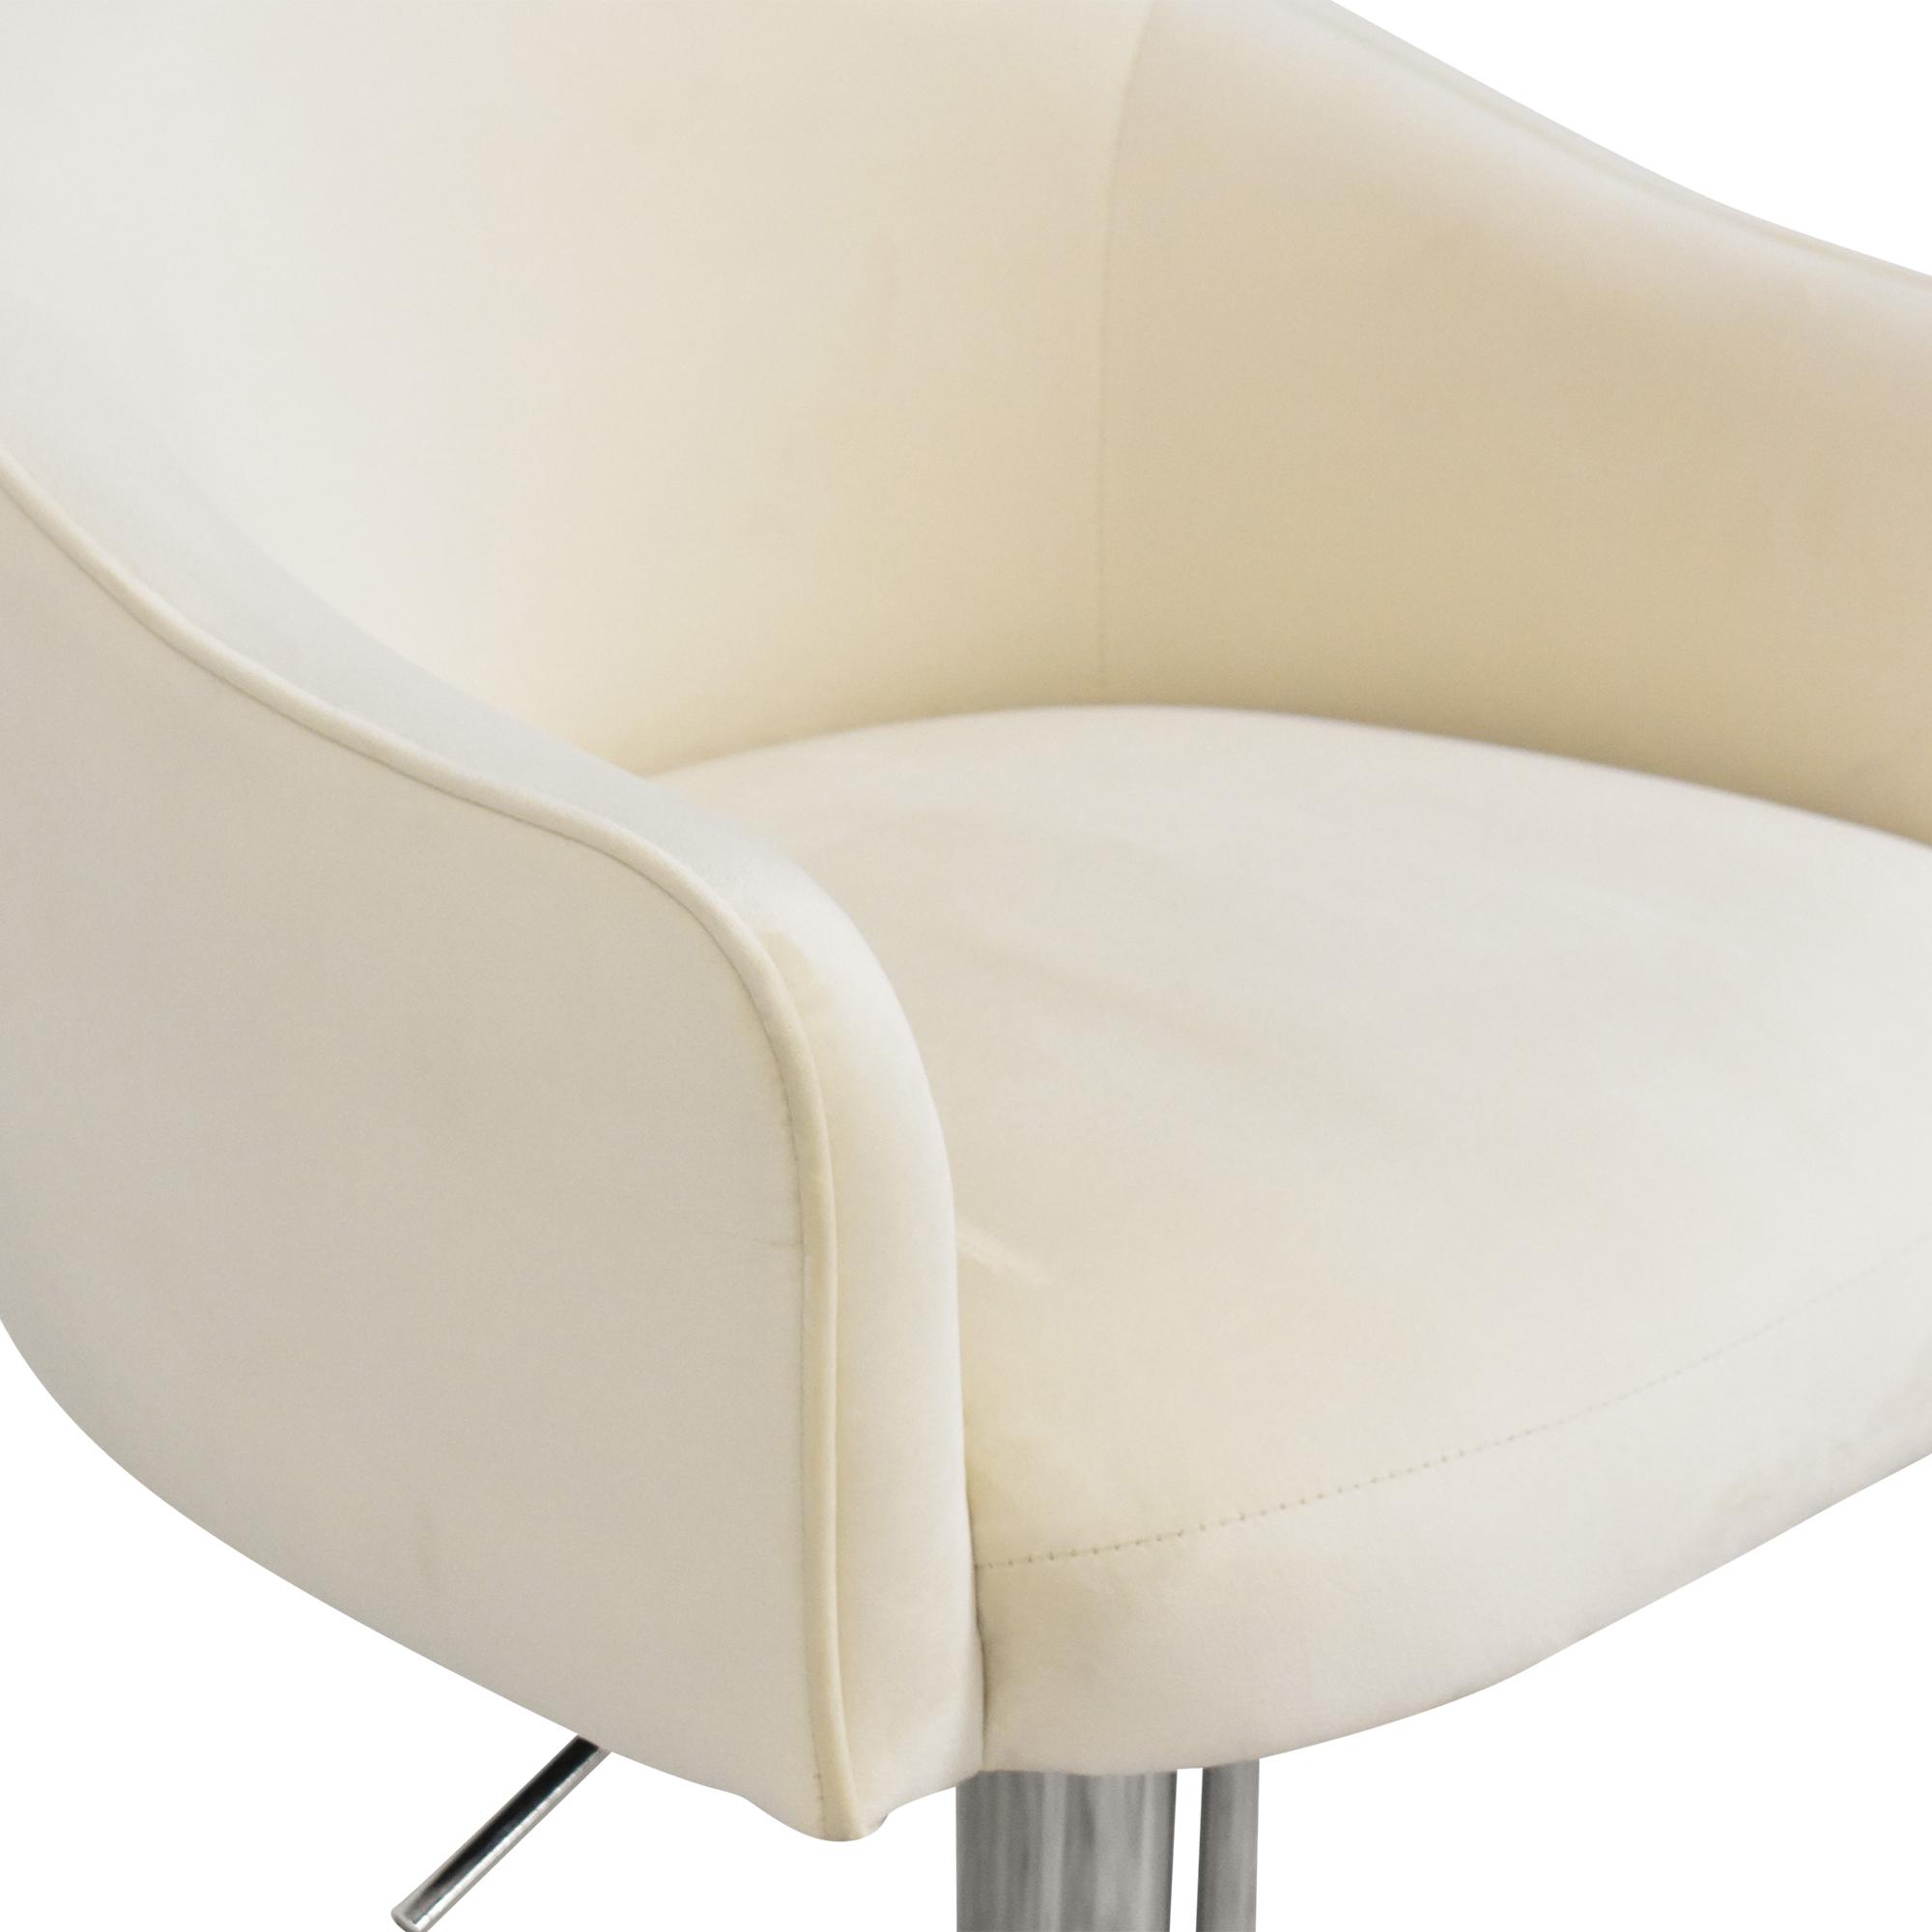 Safavieh Safavieh Couture Ellsworth Adjustable Barstool ct